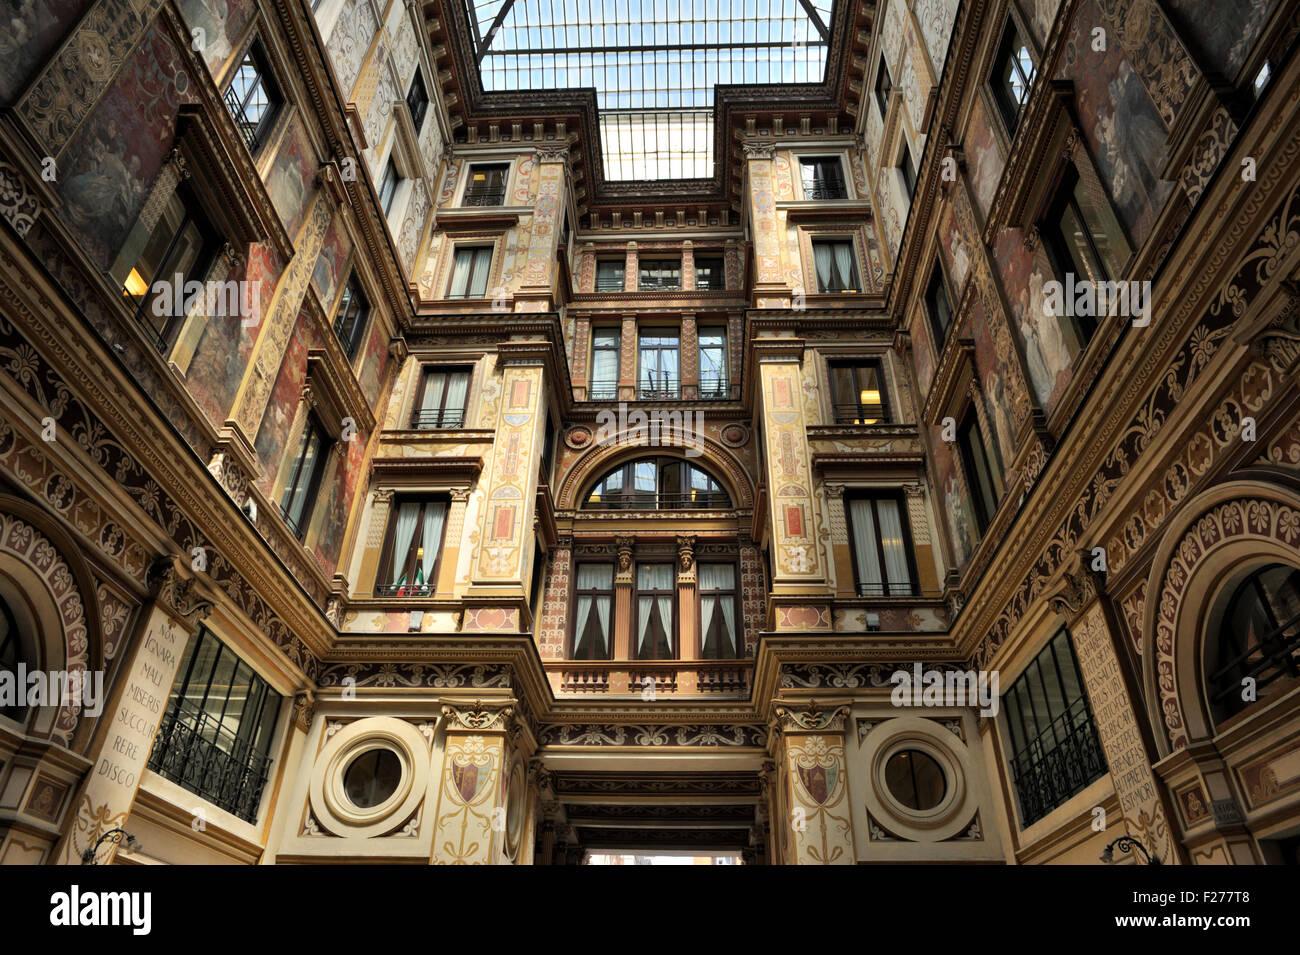 Italia, Roma, piazza dell'oratorio, galleria sciarra, edificio in stile liberty Immagini Stock